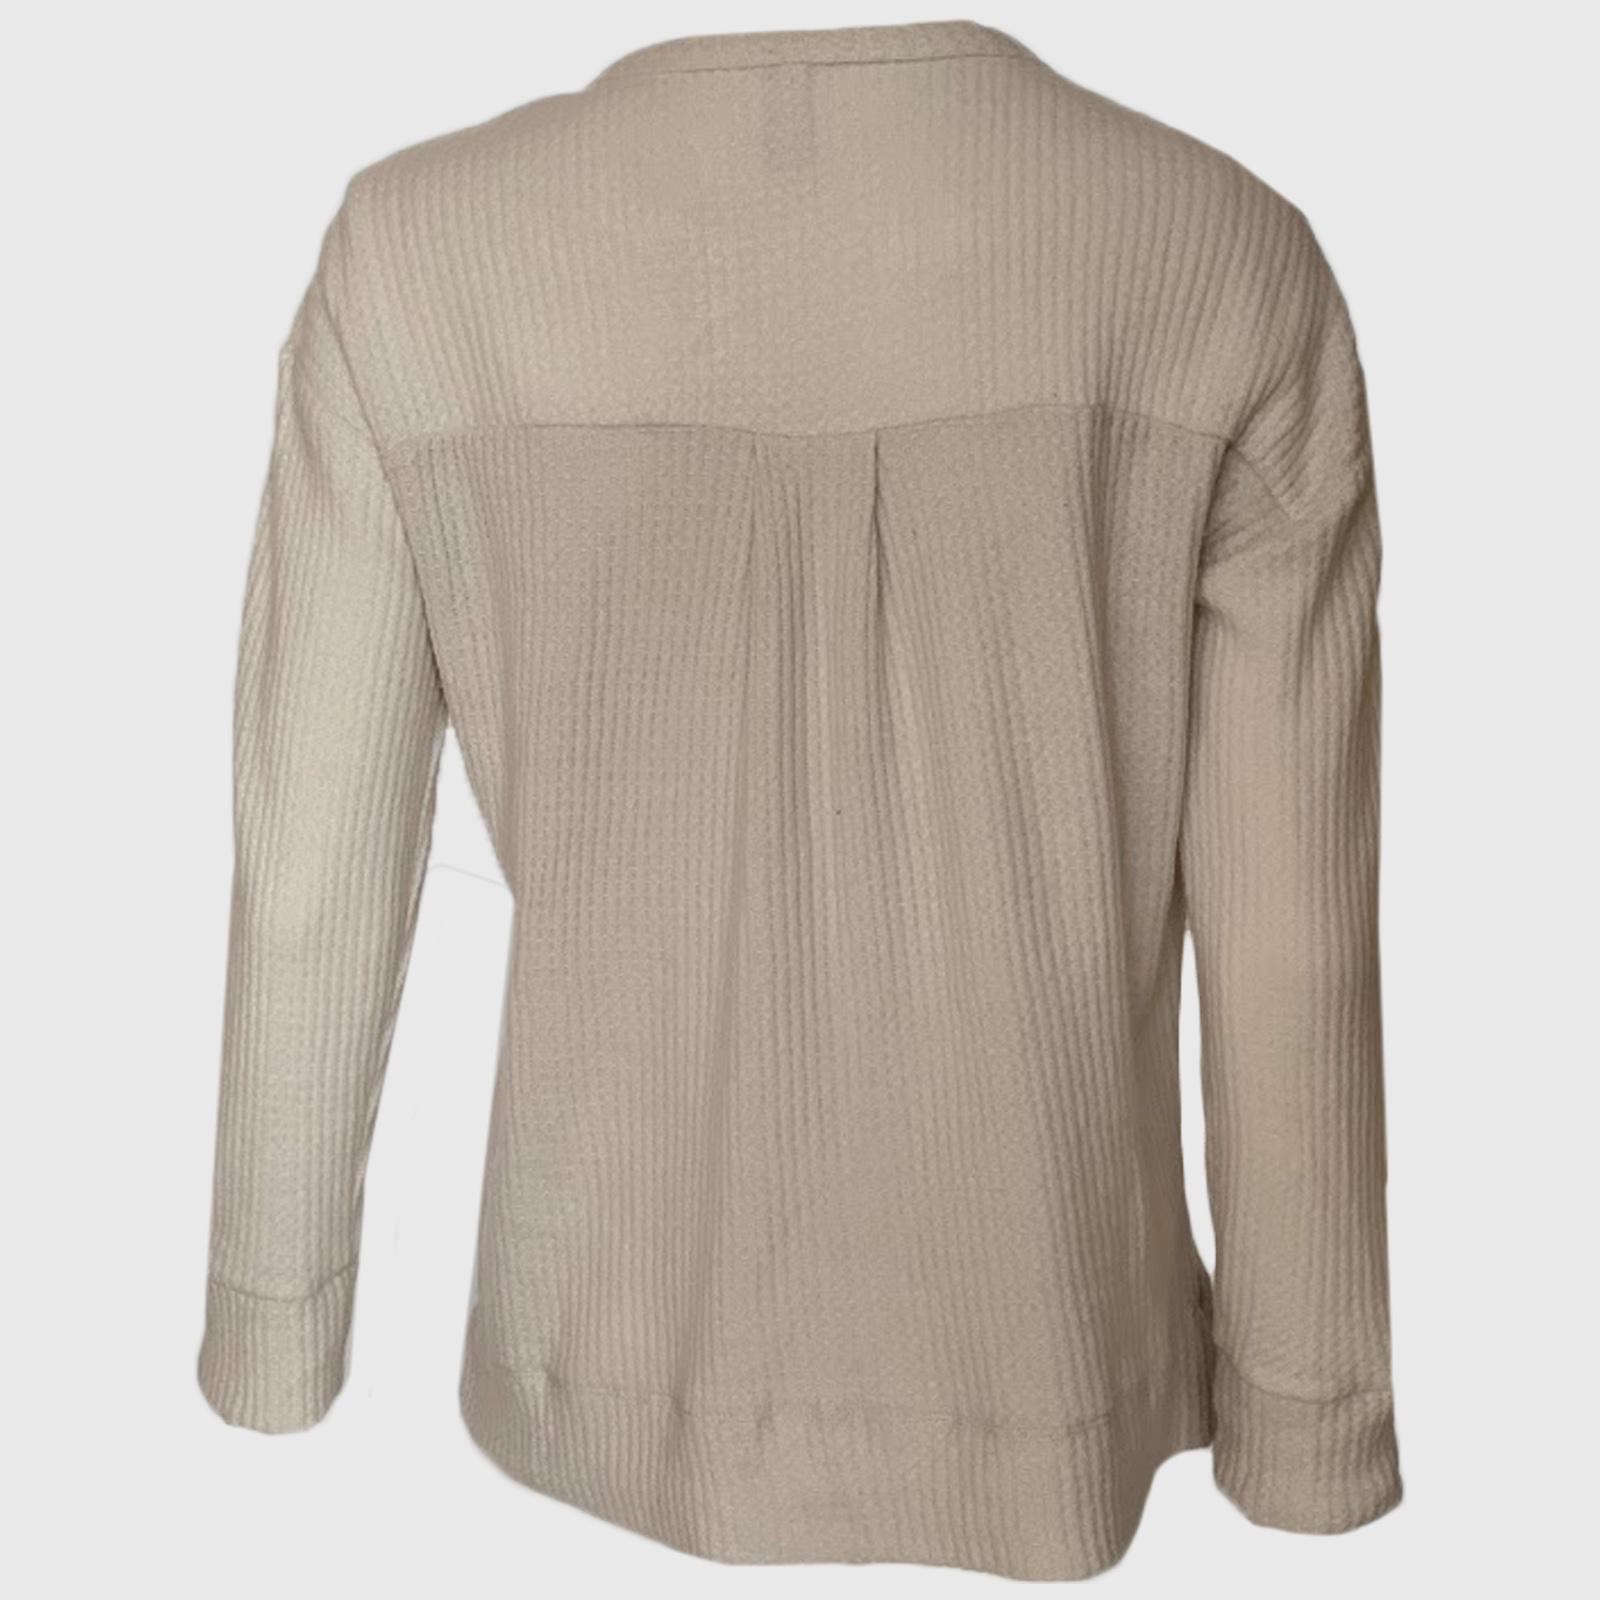 Купить женскую молодежную кофту в рубашечном стиле